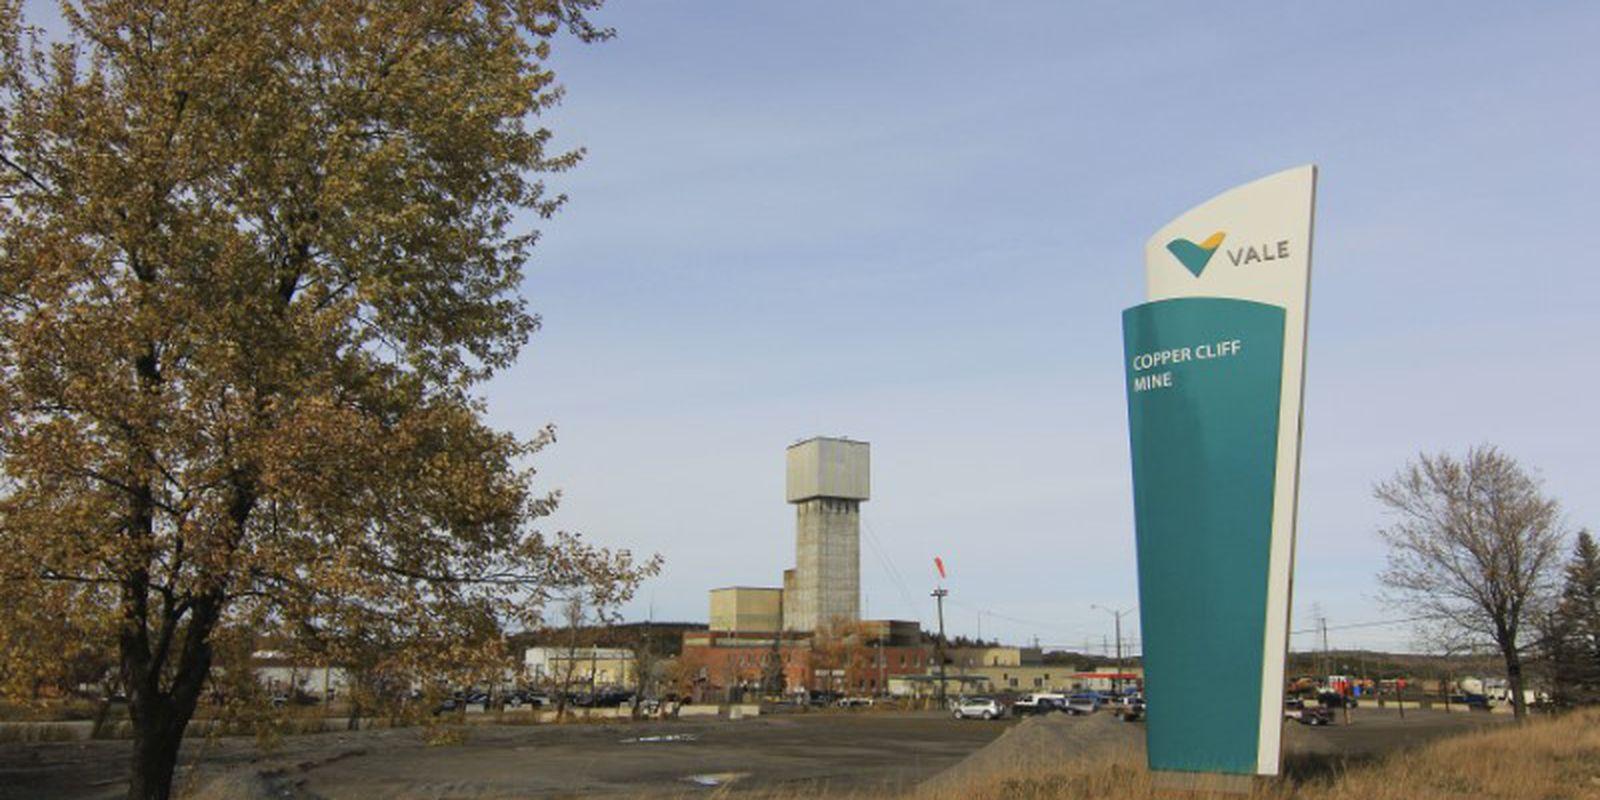 Mina da Vale em Sudbury, Canadá.